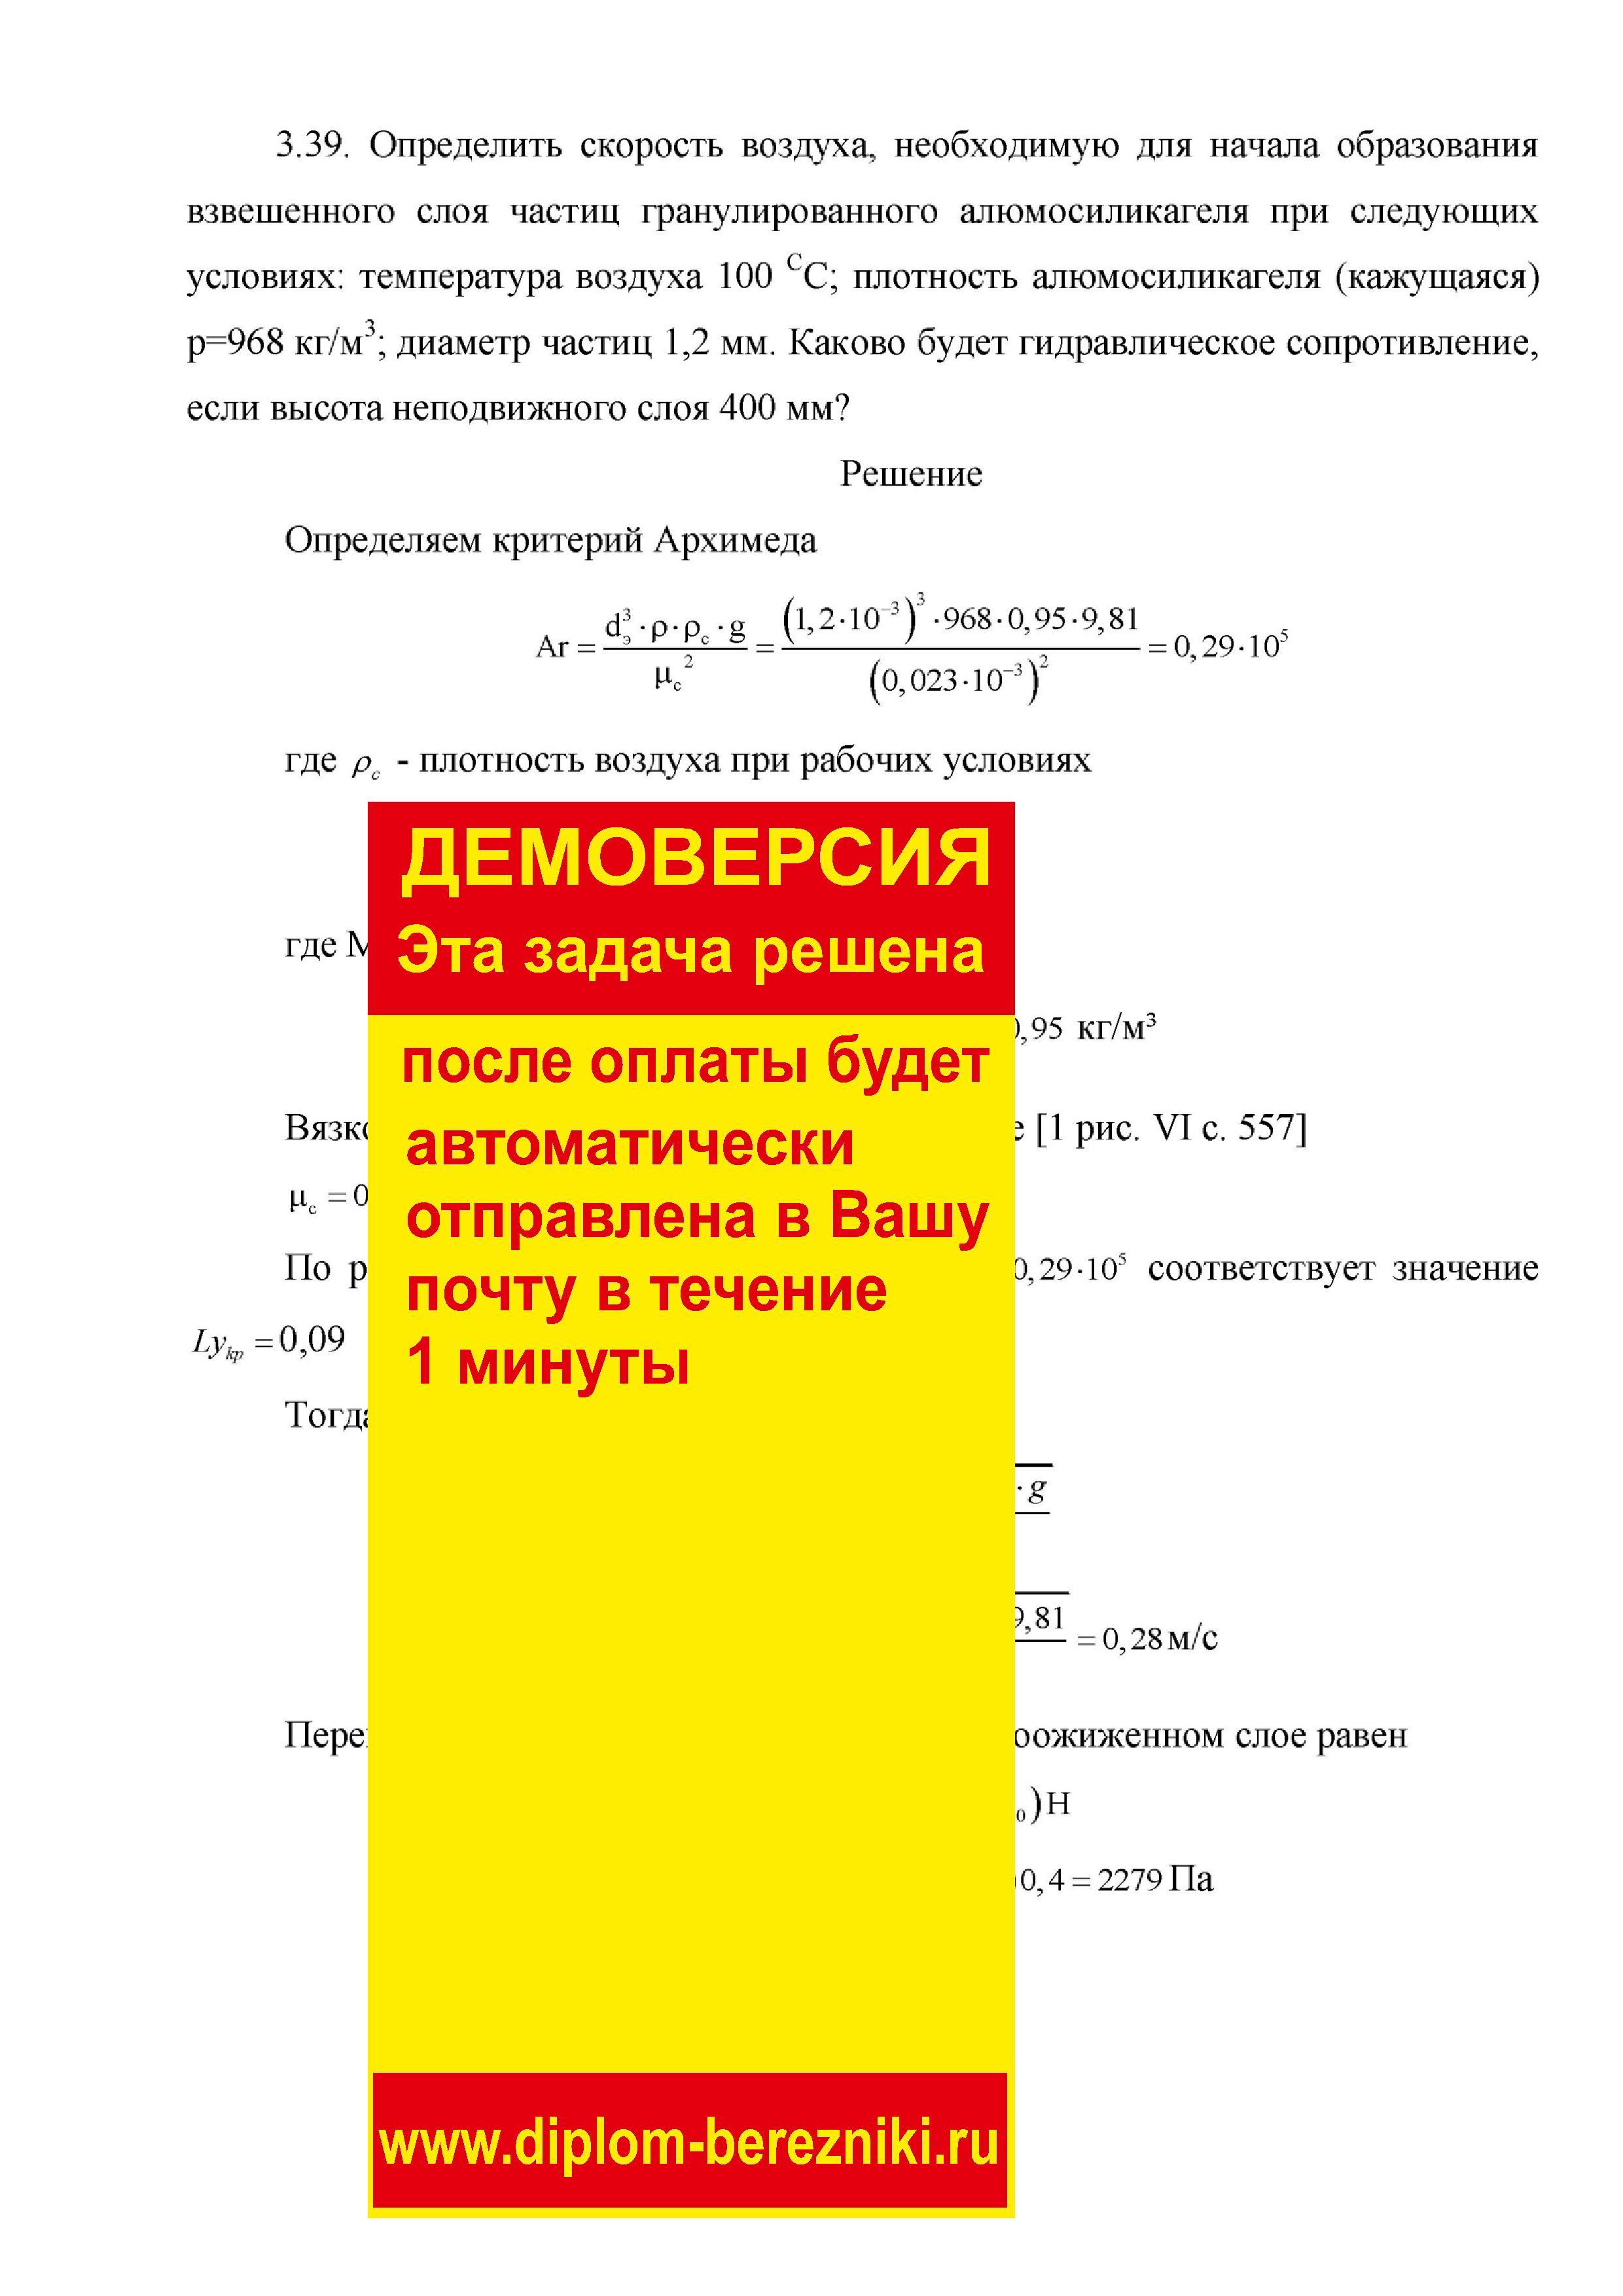 Решение задачи 3.39 по ПАХТ из задачника Павлова Романкова Носкова